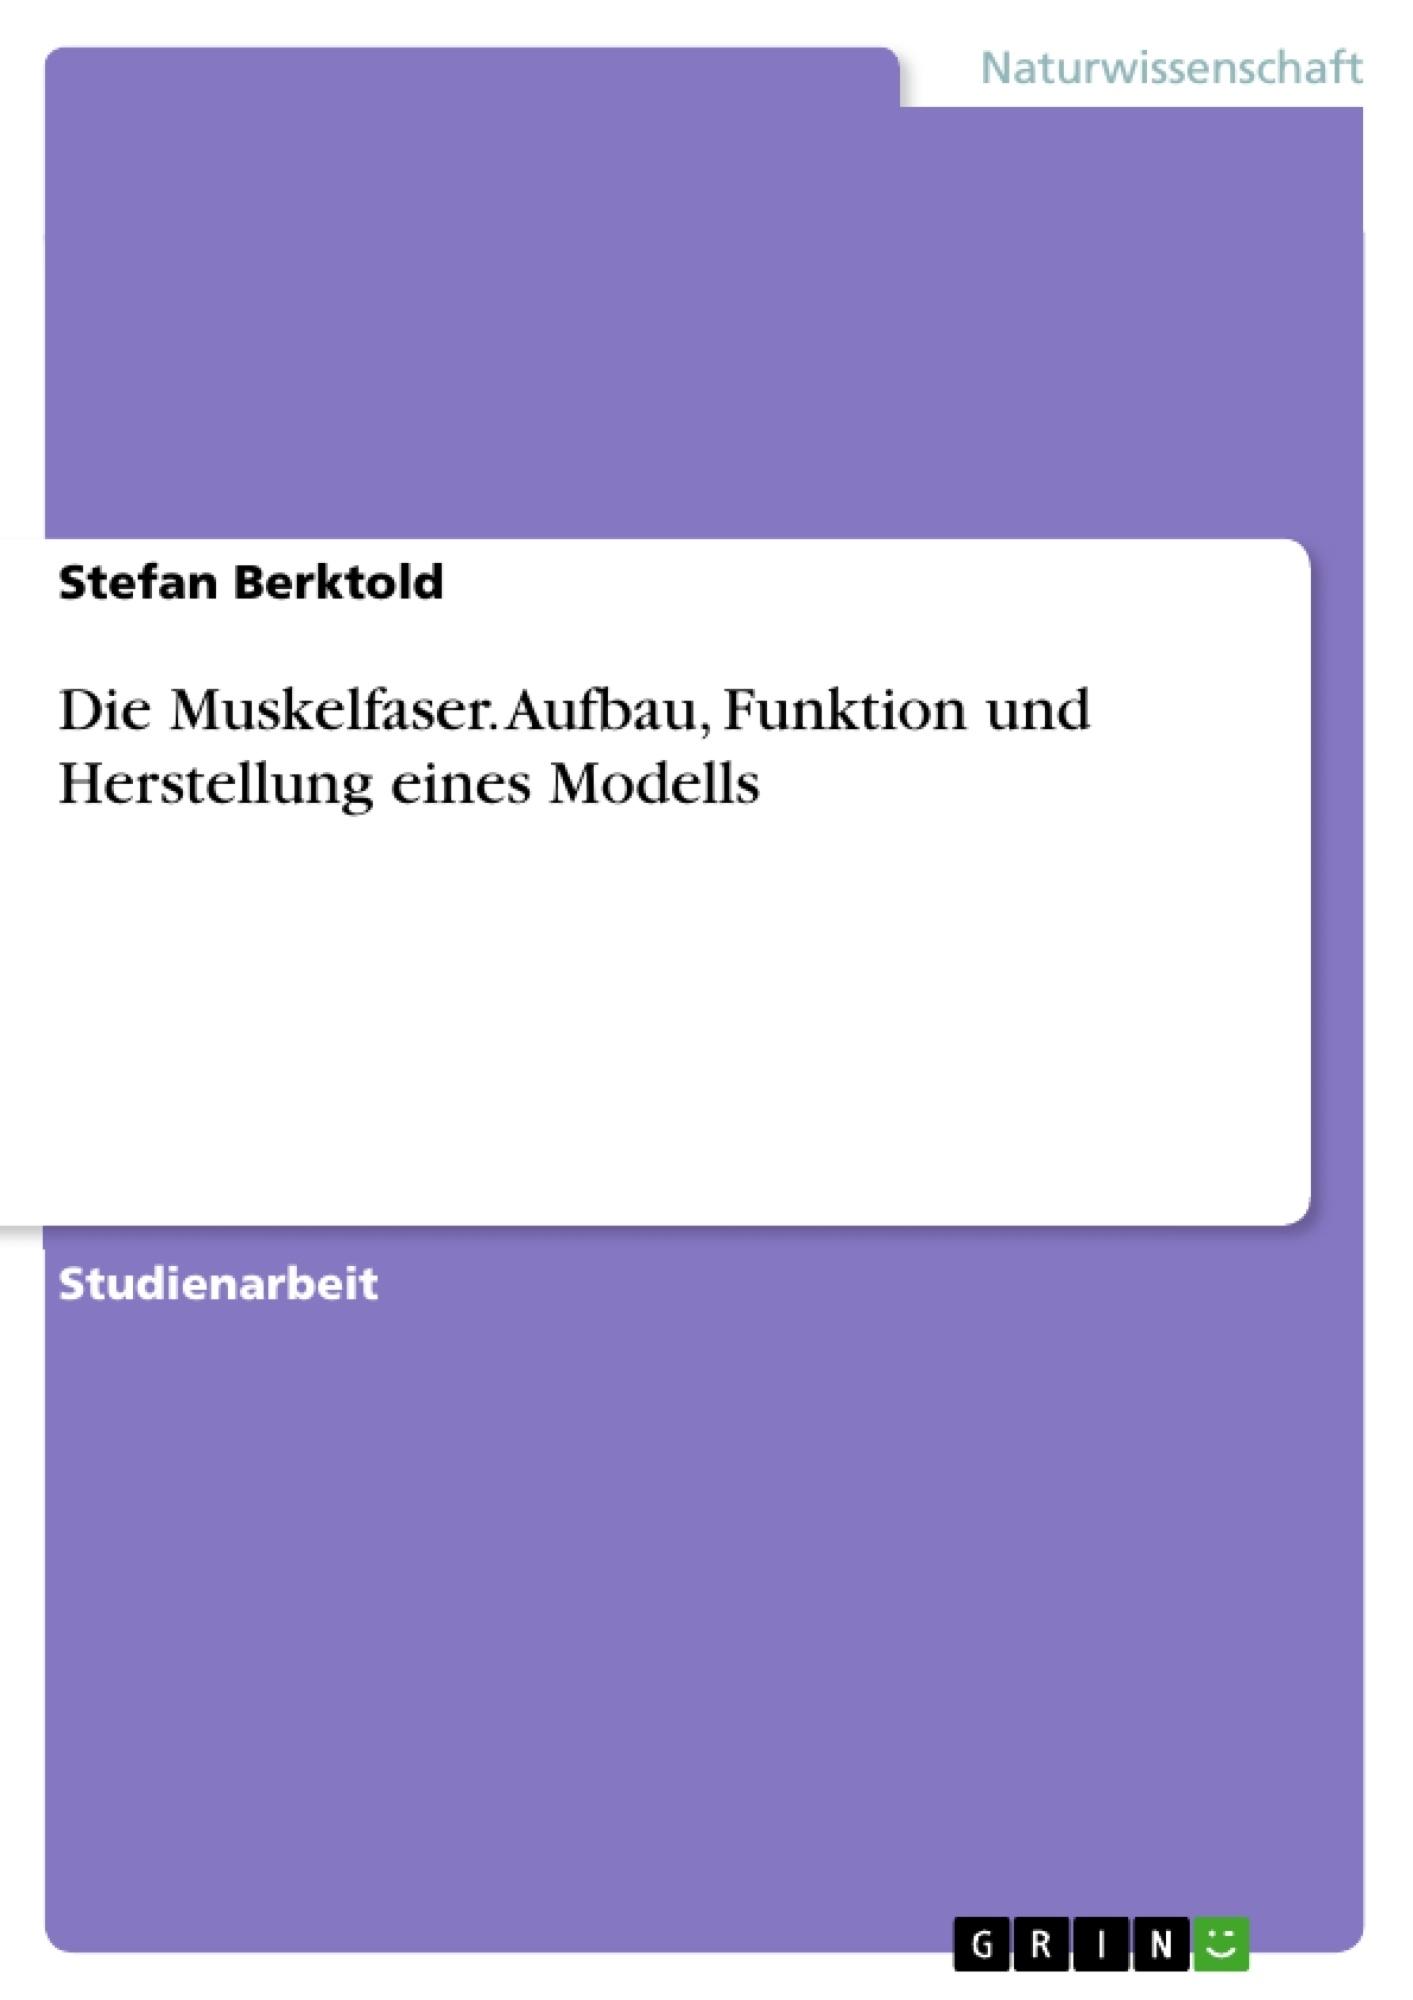 Titel: Die Muskelfaser. Aufbau, Funktion und Herstellung eines Modells